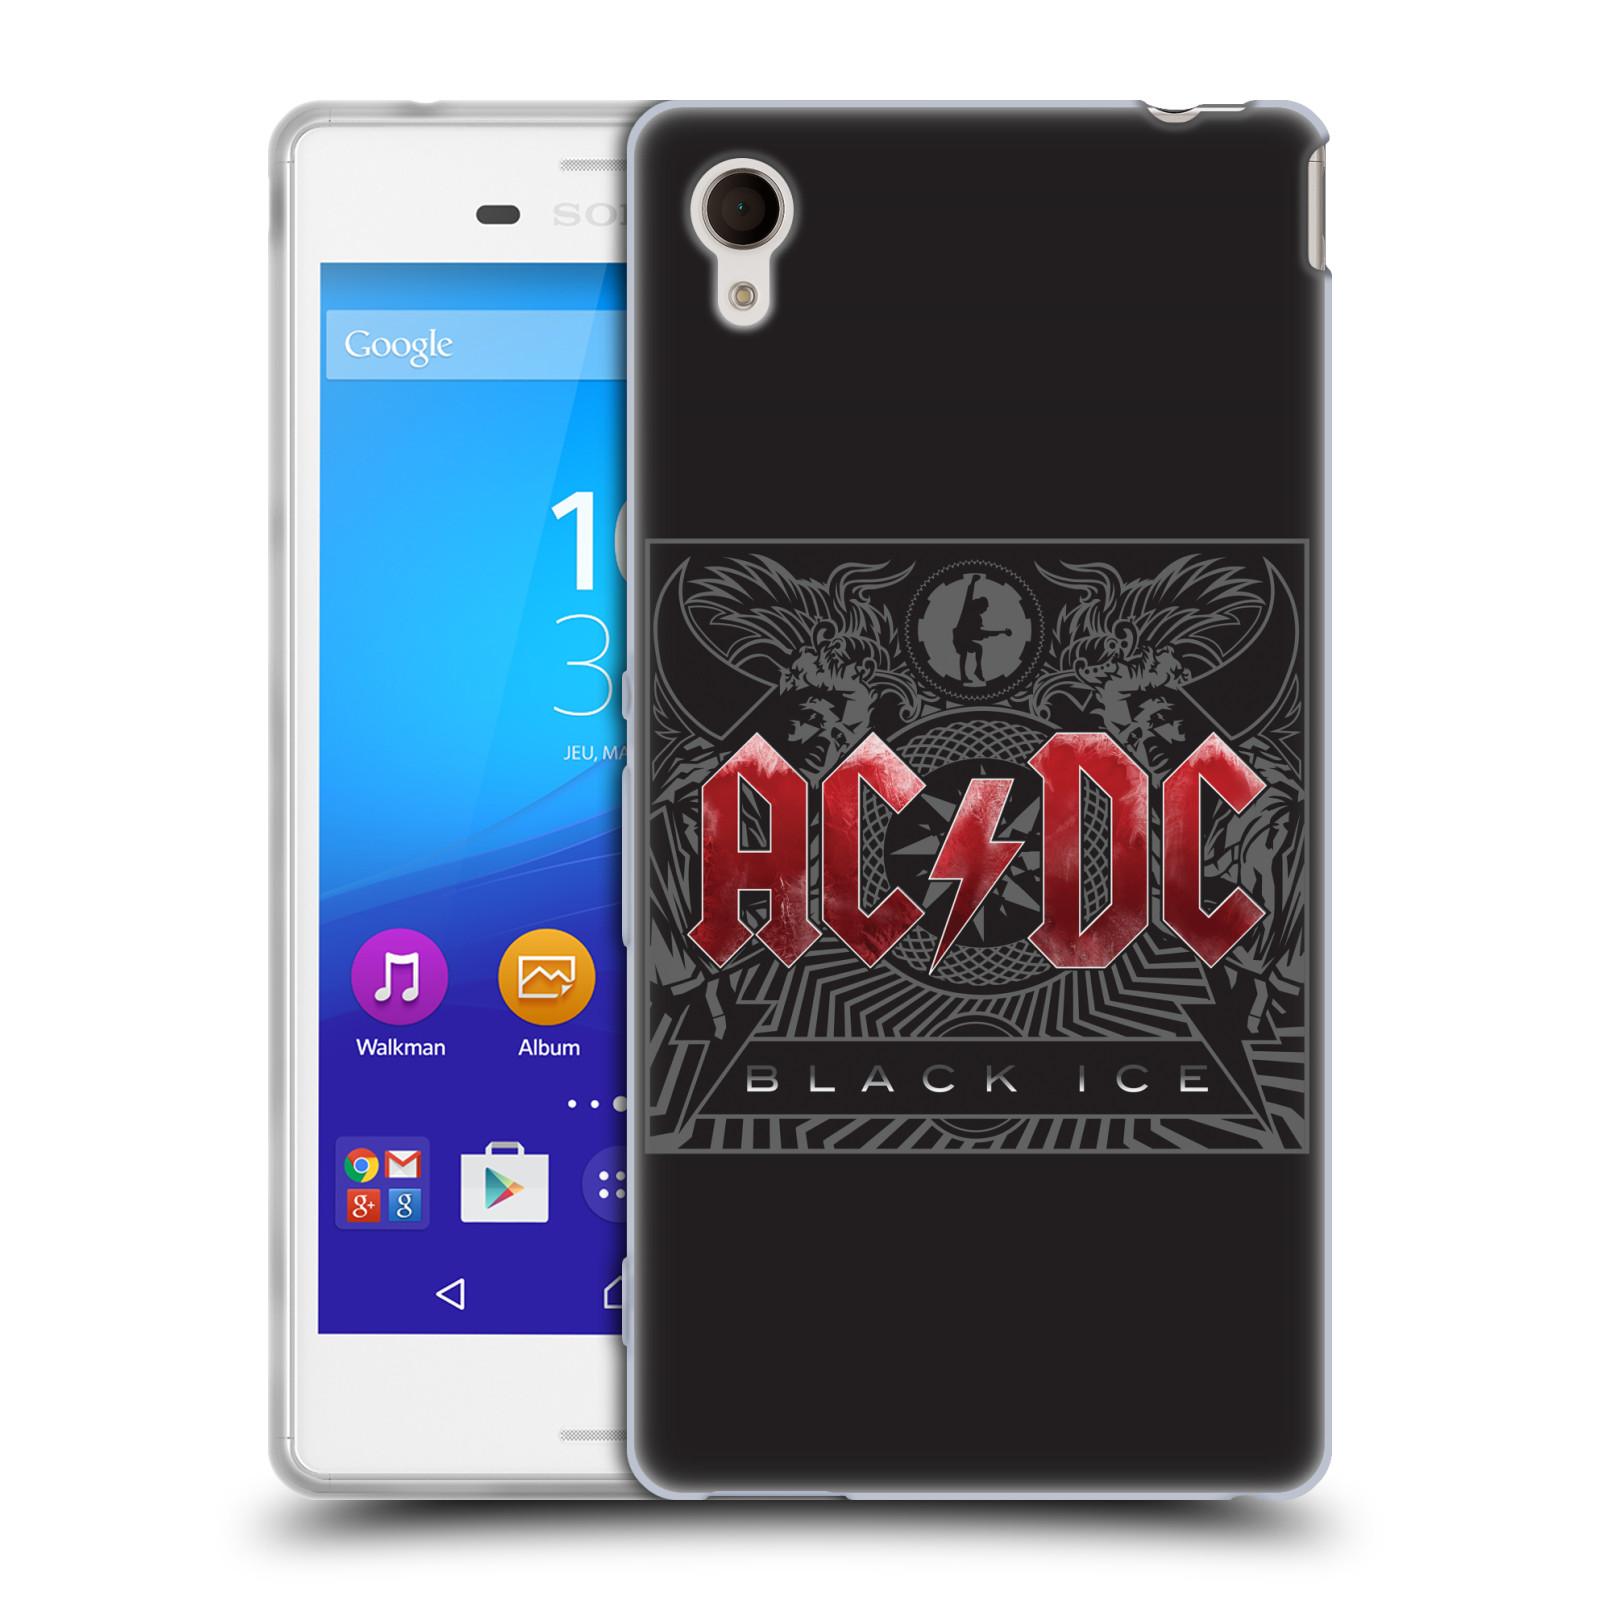 Silikonové pouzdro na mobil Sony Xperia M4 Aqua E2303 HEAD CASE AC/DC Black Ice (Silikonový kryt či obal na mobilní telefon s oficiálním motivem australské skupiny AC/DC pro Sony Xperia M4 Aqua a M4 Aqua Dual SIM)